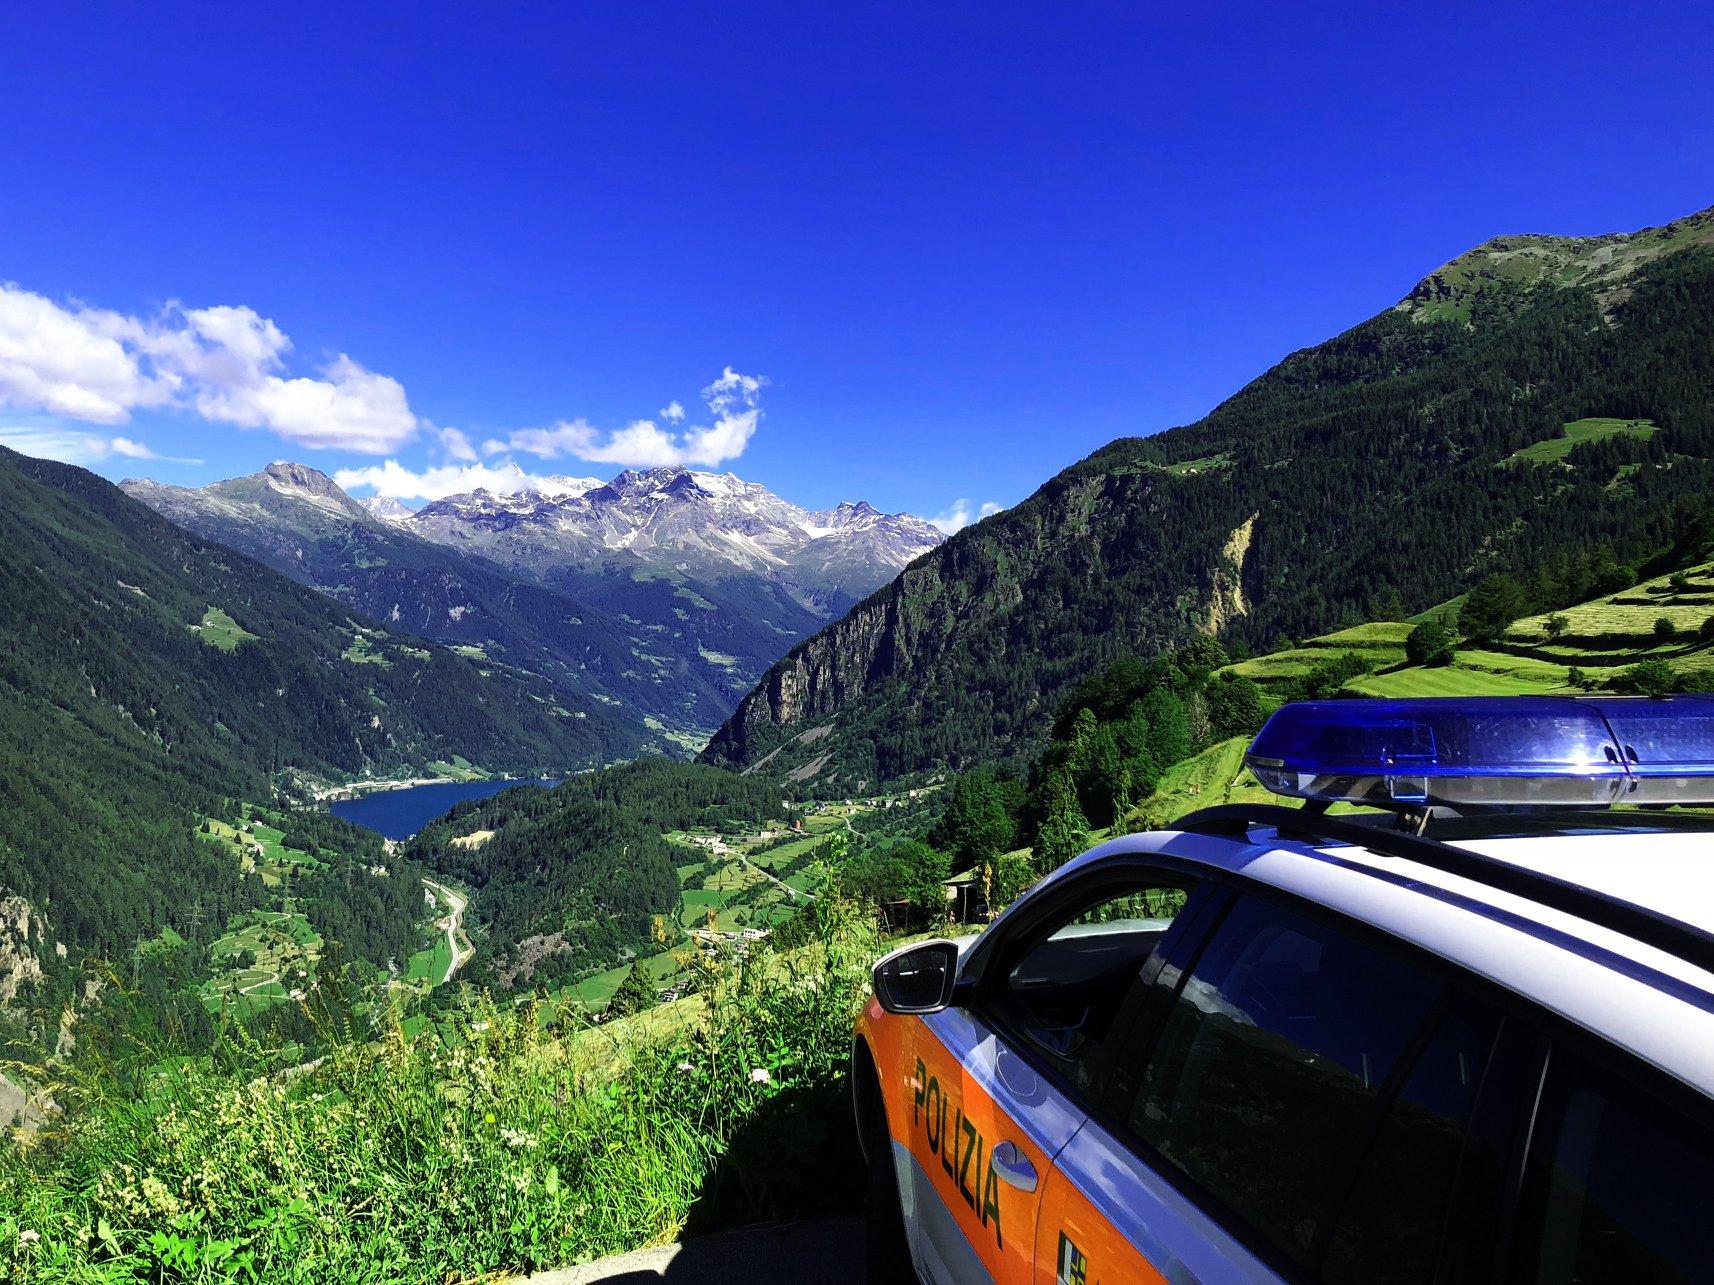 Die Polizei In Graubünden kümmert sich um die Sicherheit von Bürgerinnen und Bürgern, Feriengästen und anderen Besuchern des Kantons. (Bildquelle: Kapo Graubünden)